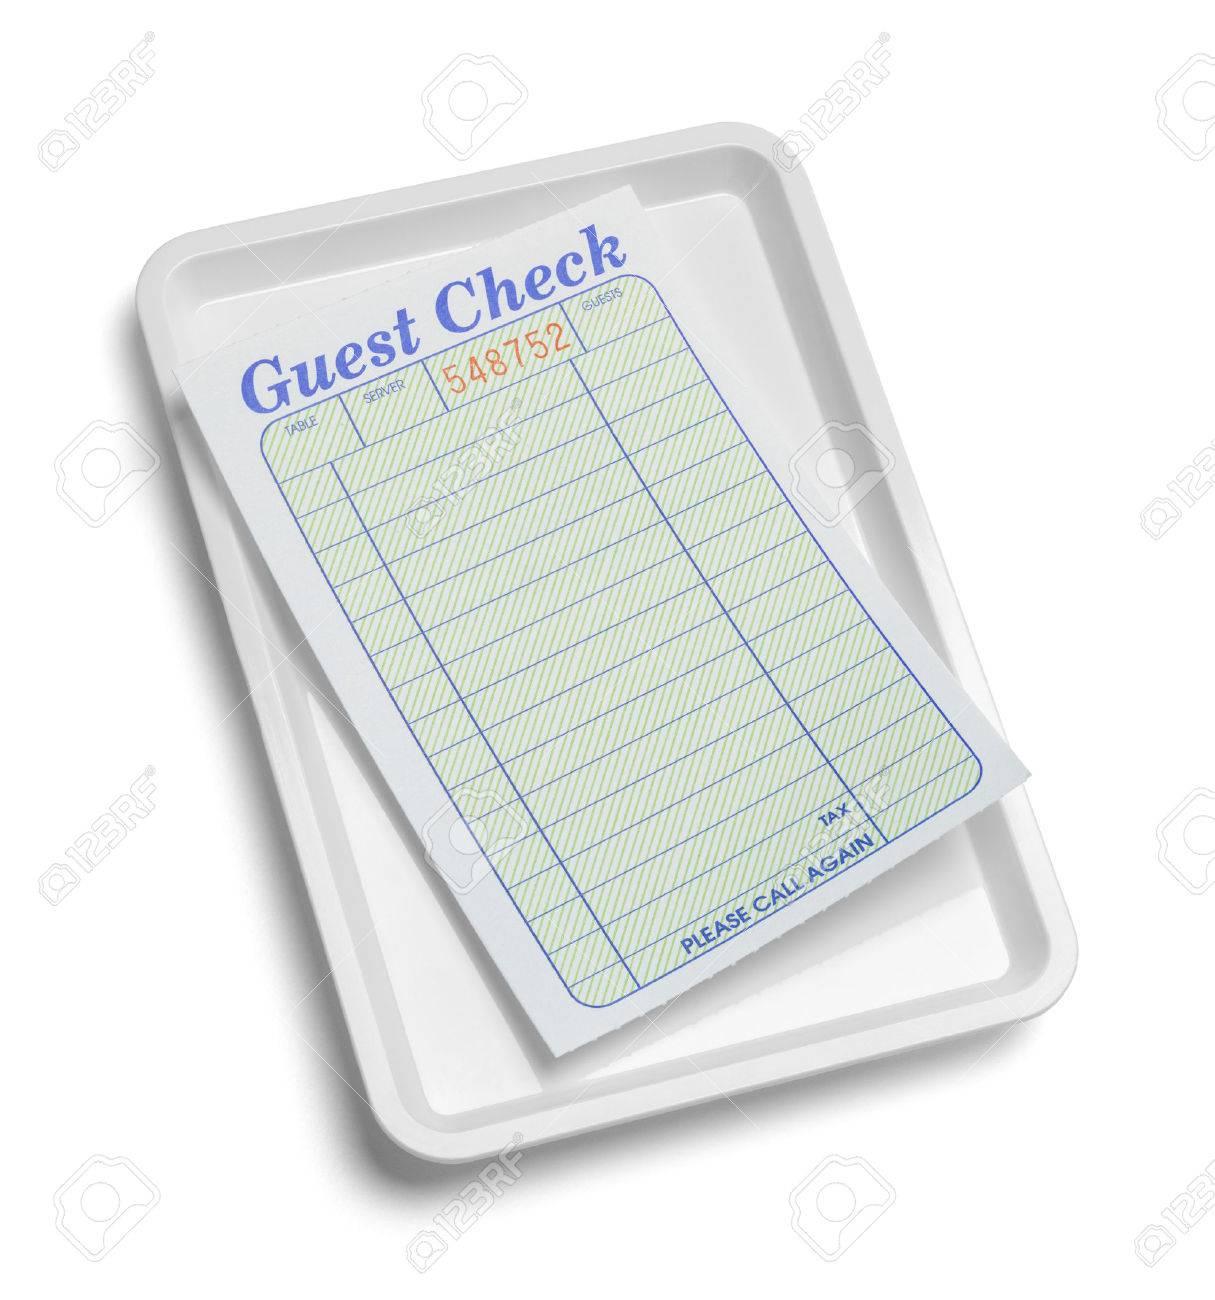 bandeja de recibo con la verificación en blanco de visitantes